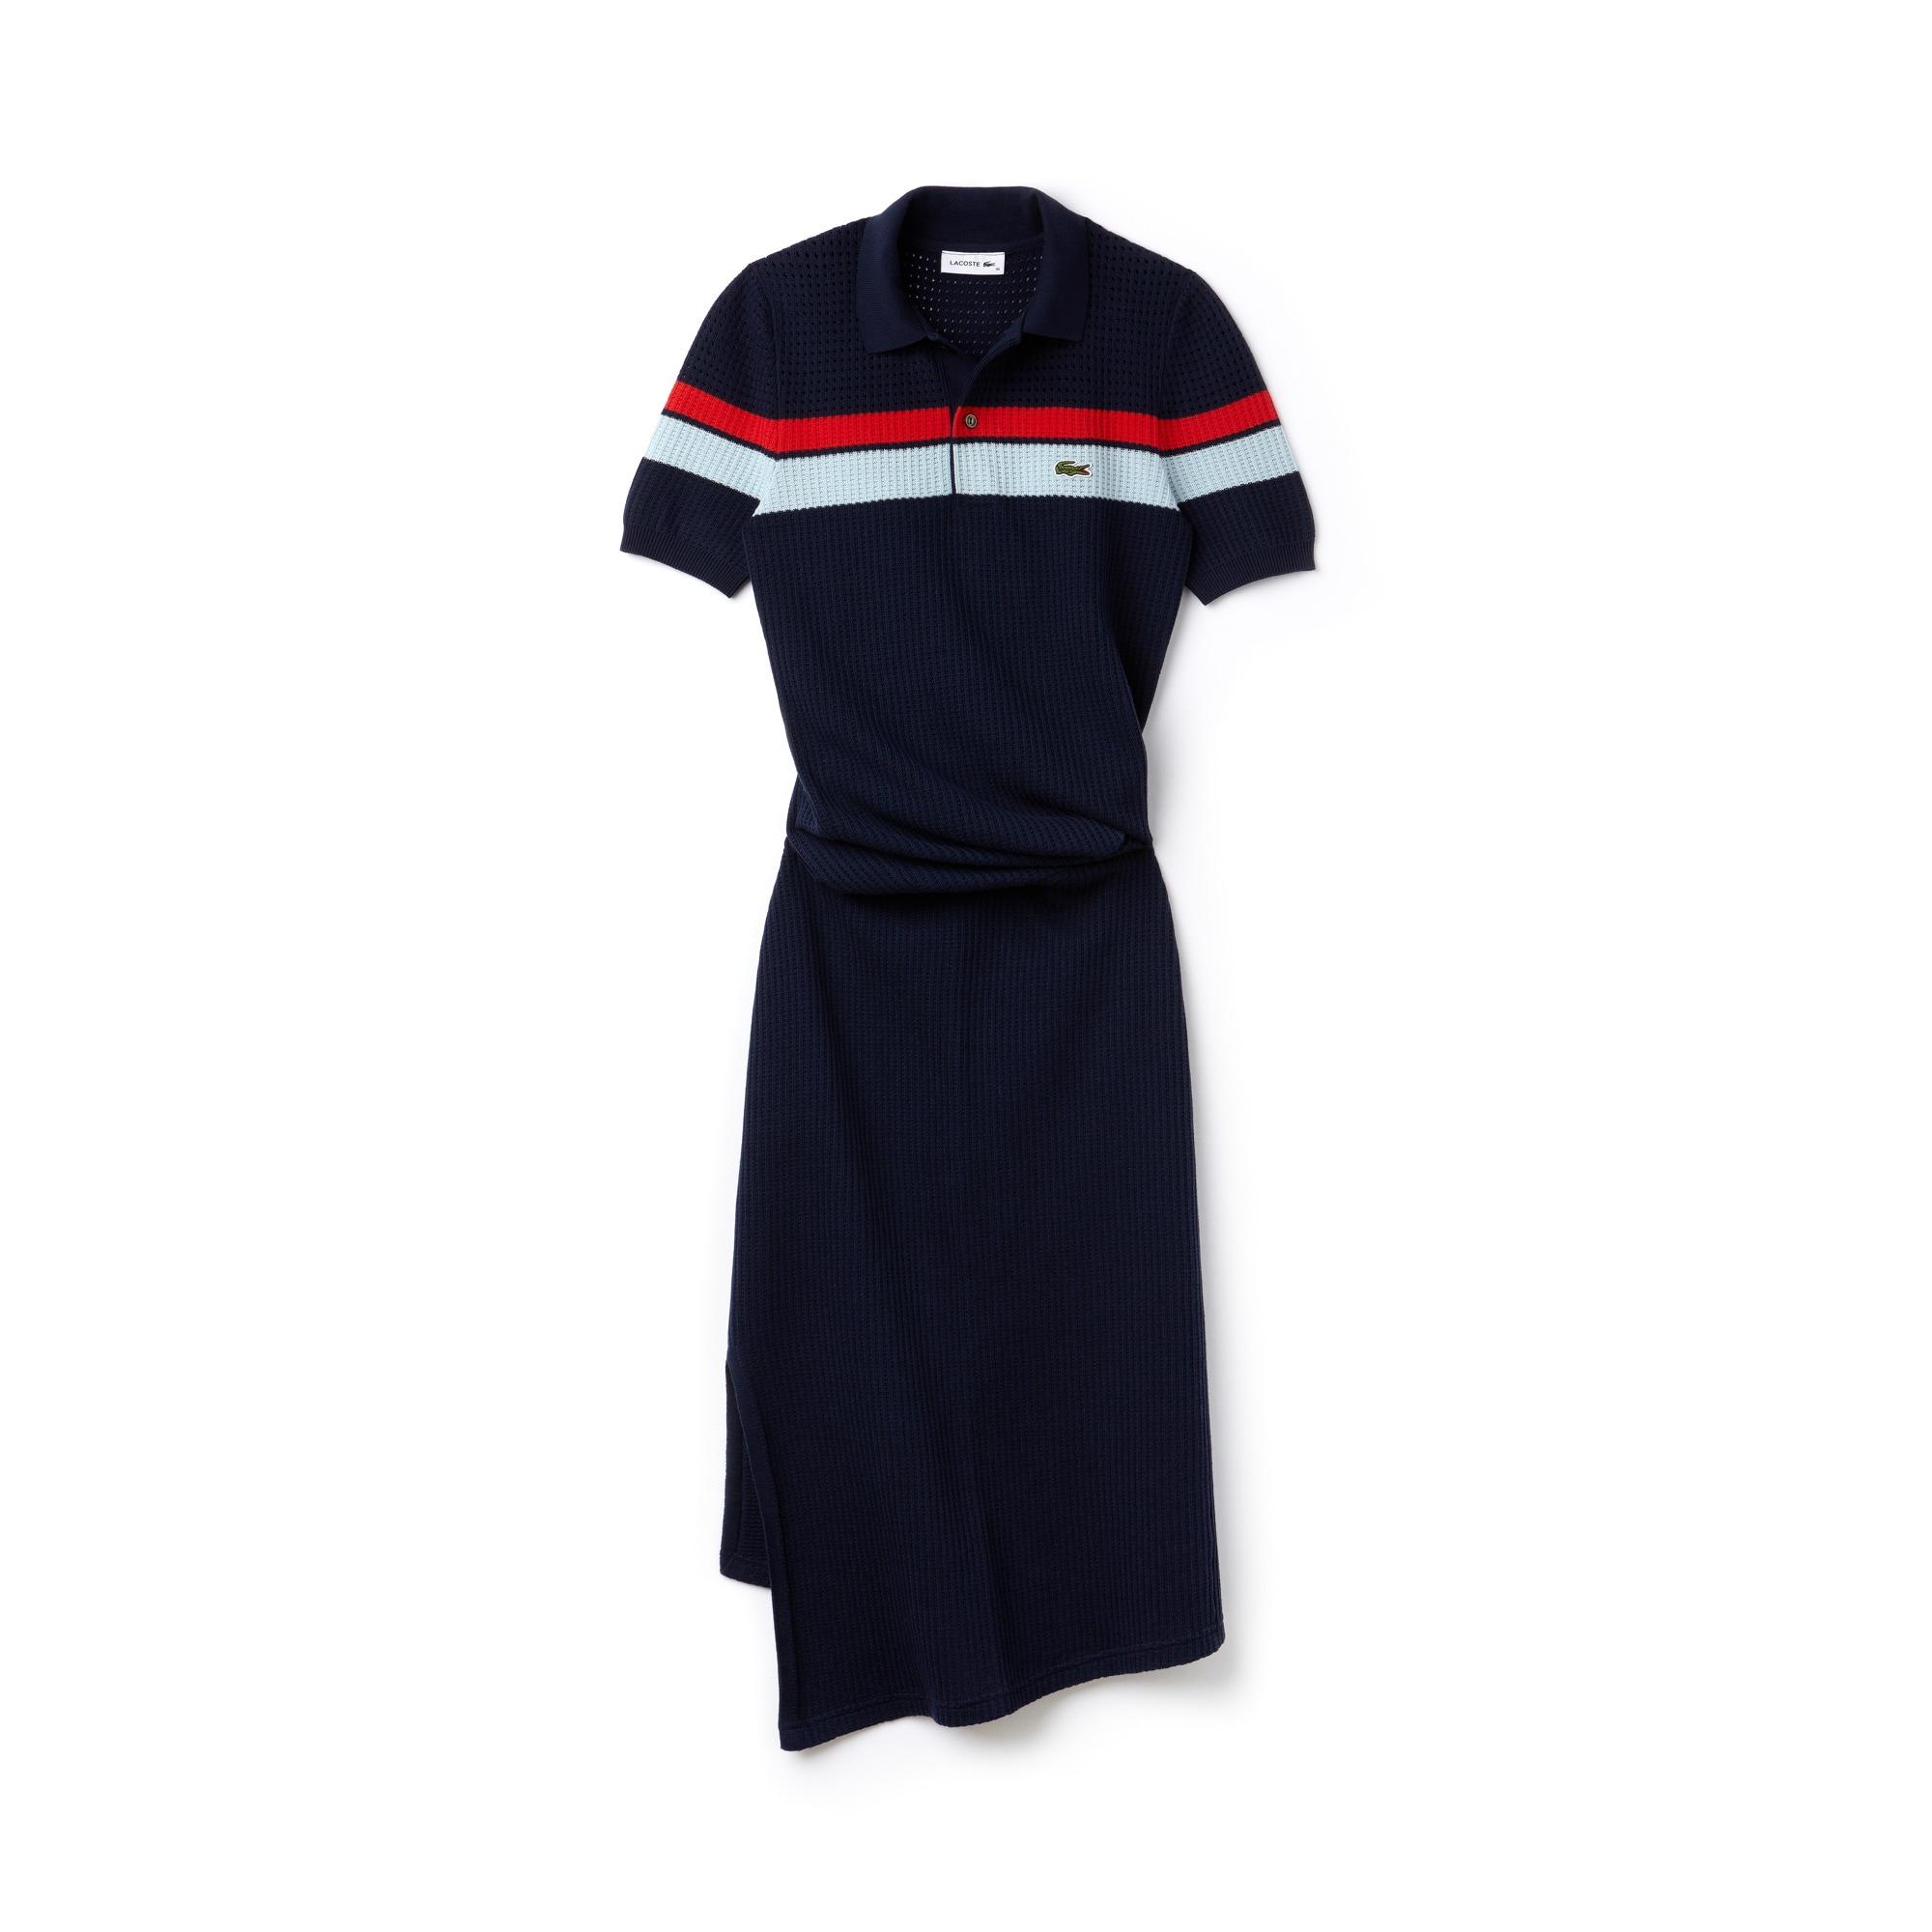 Polojurk Édition Défilé gestreept katoenen tricot